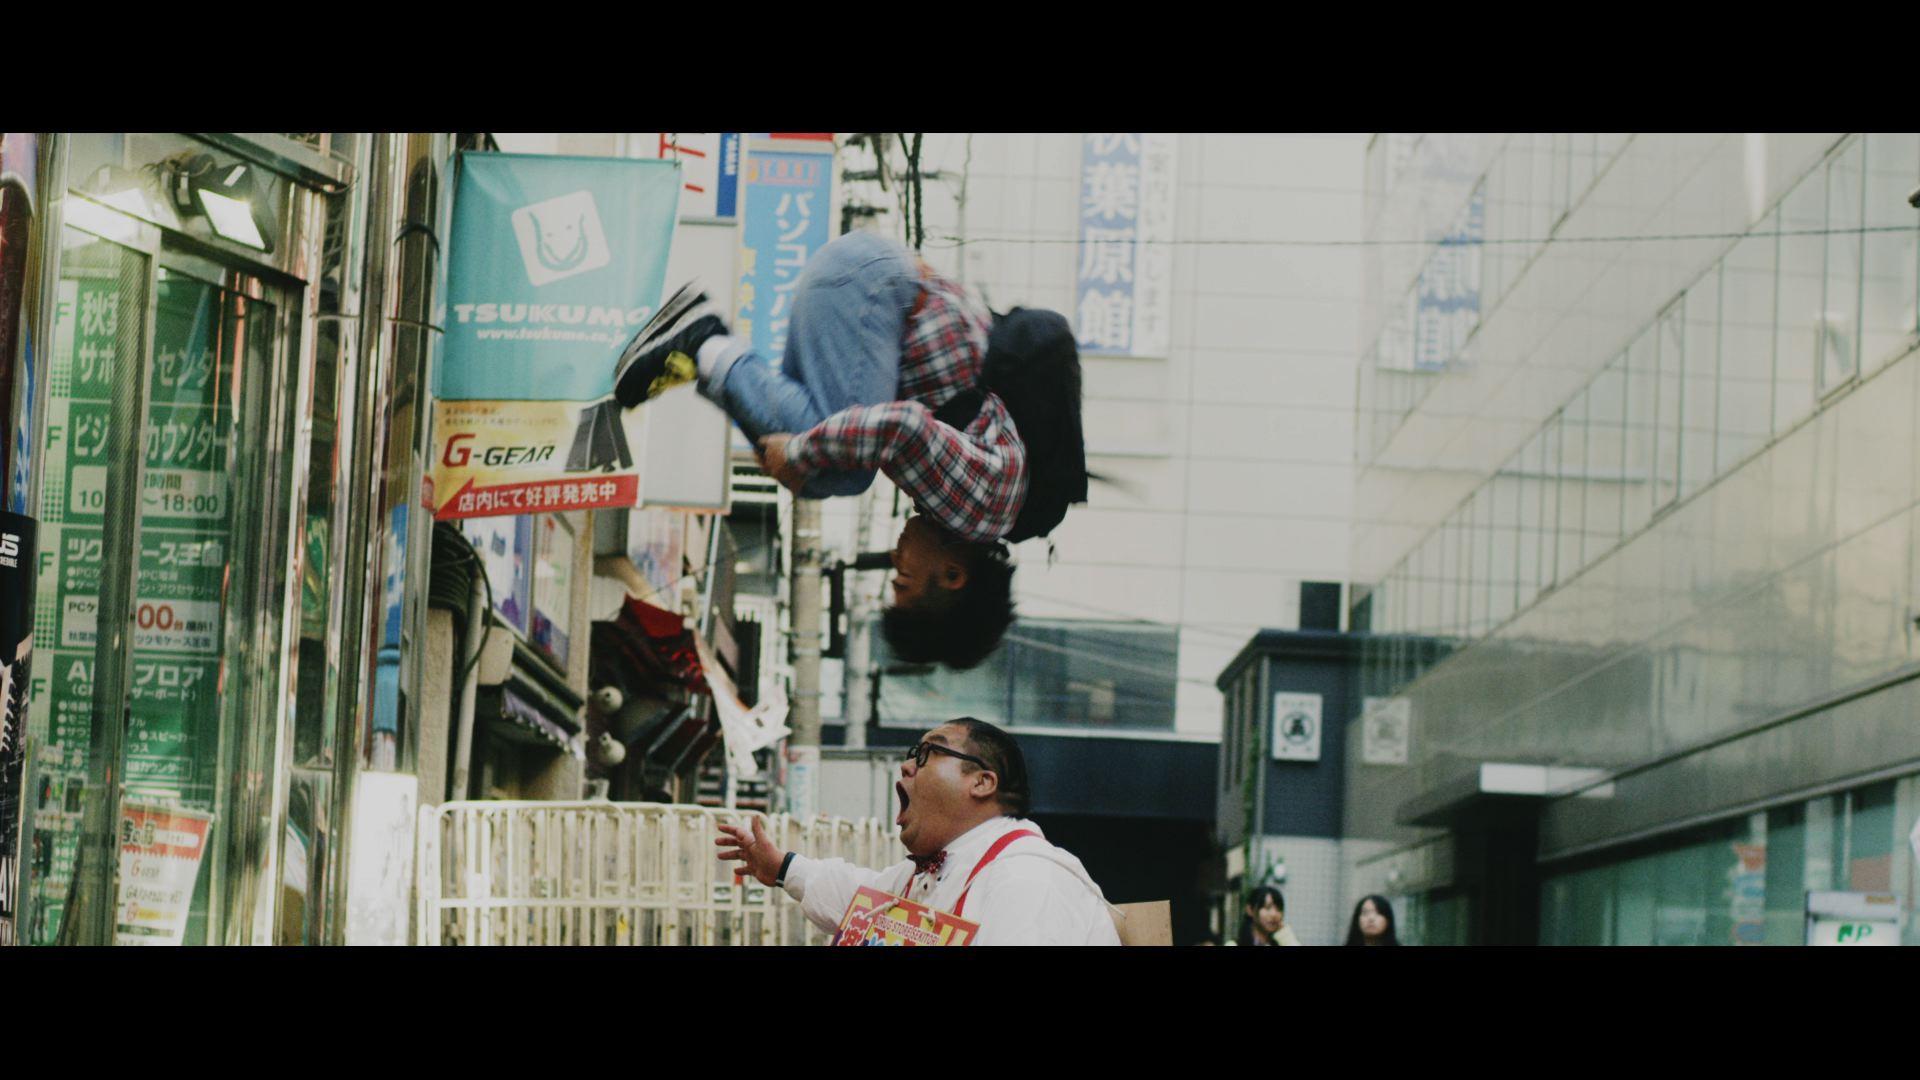 秋葉版『アサシンクリード』動画、まもなく50万再生